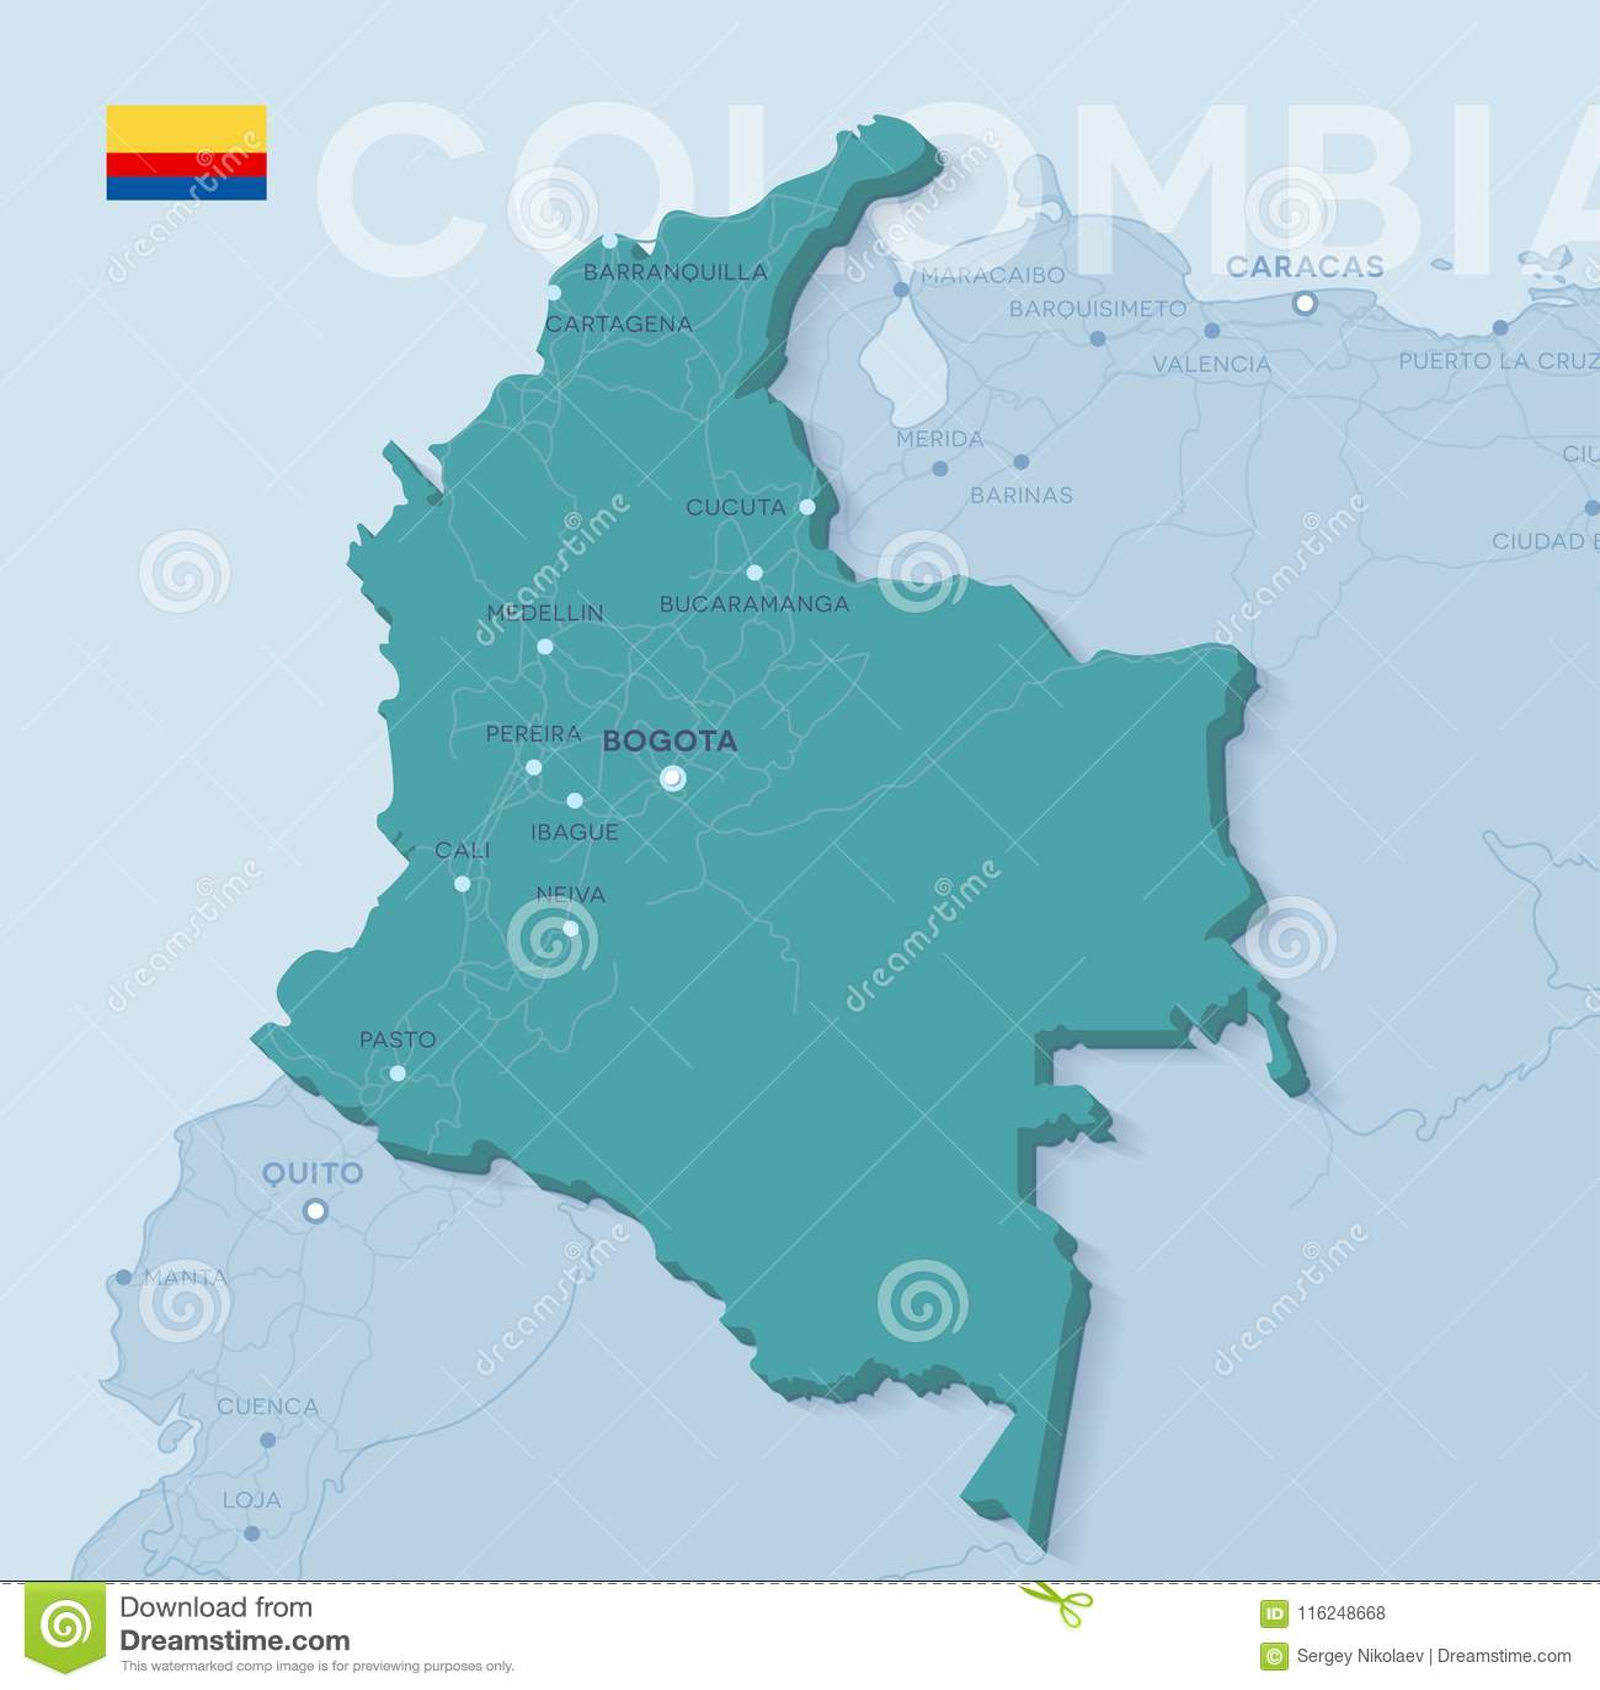 Mapa De Colombia Ciudades.Mapa De Verctor De Ciudades Y De Caminos En Colombia